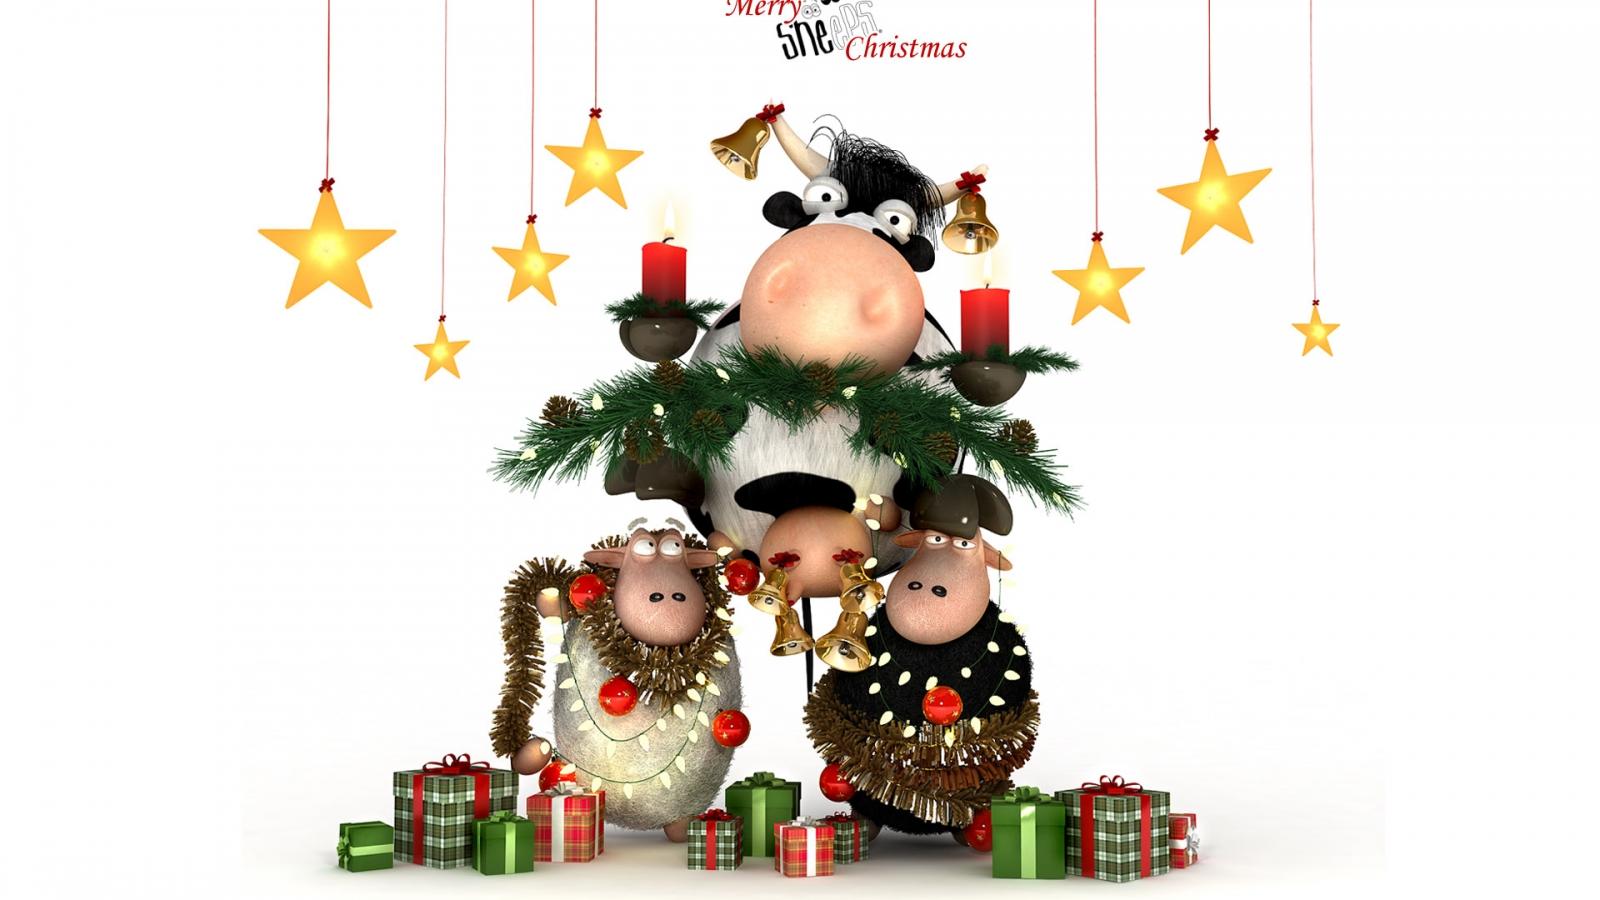 Dibujos por navidad - 1600x900